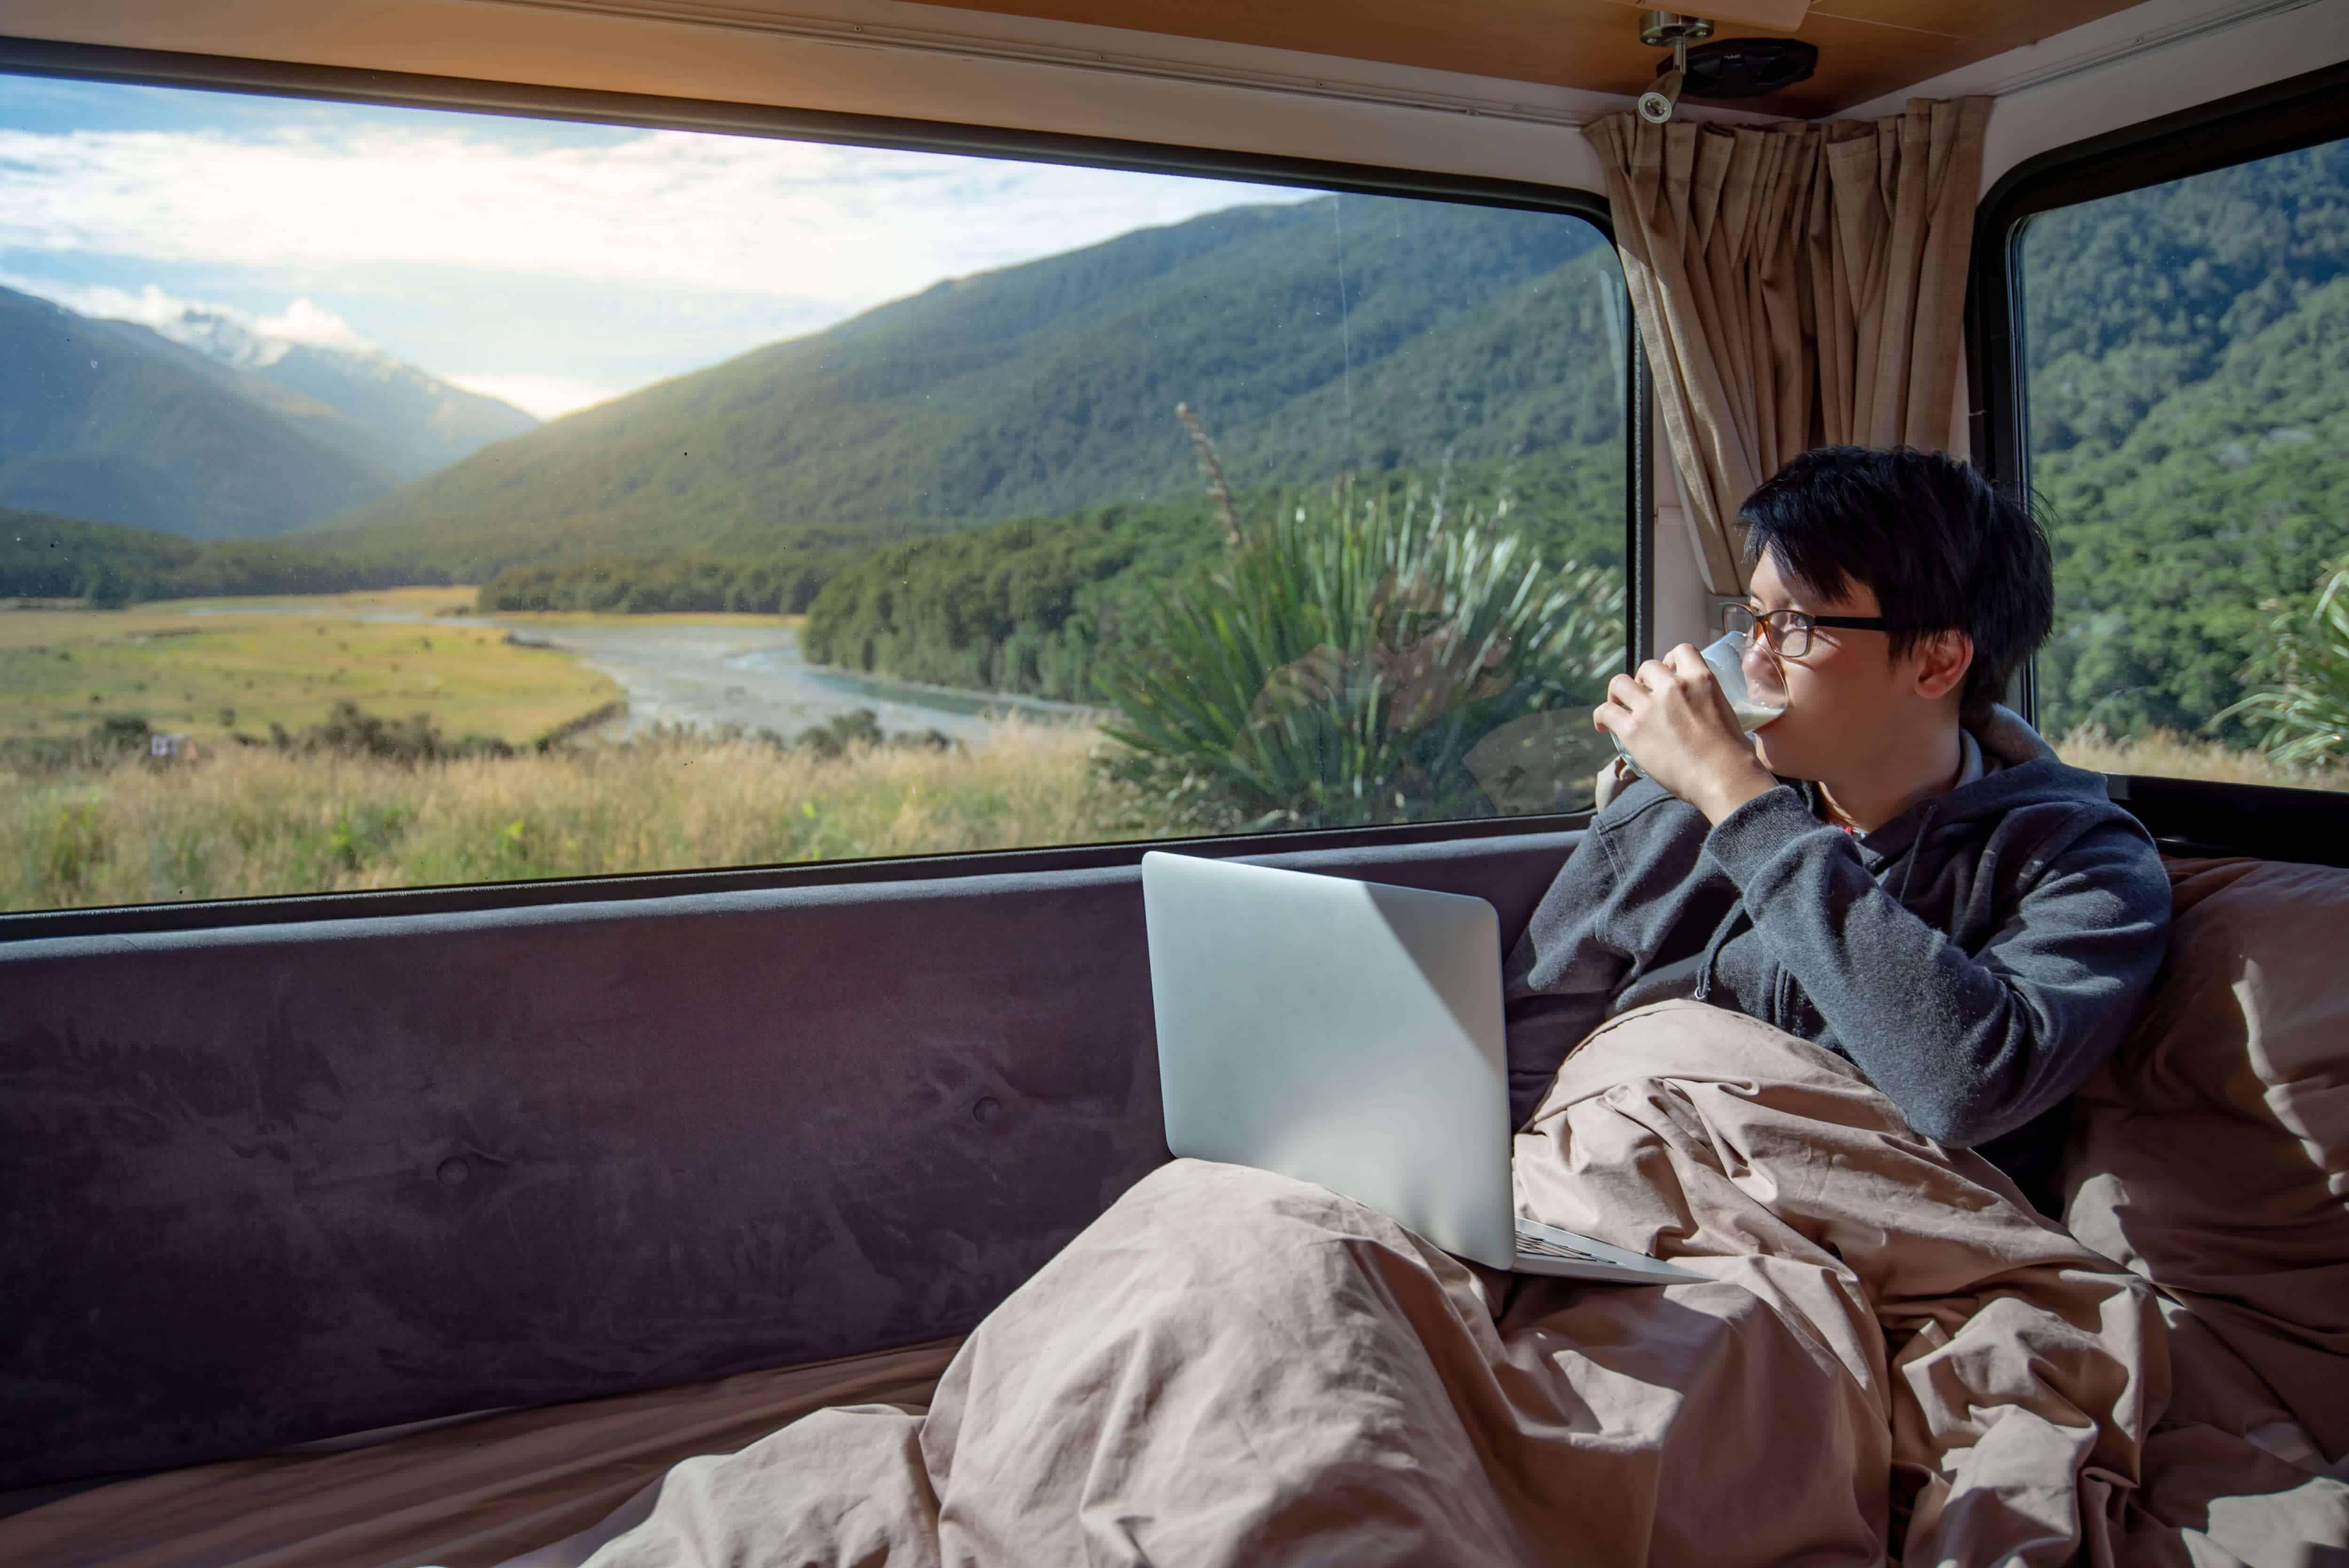 Digital nomad in motorhome